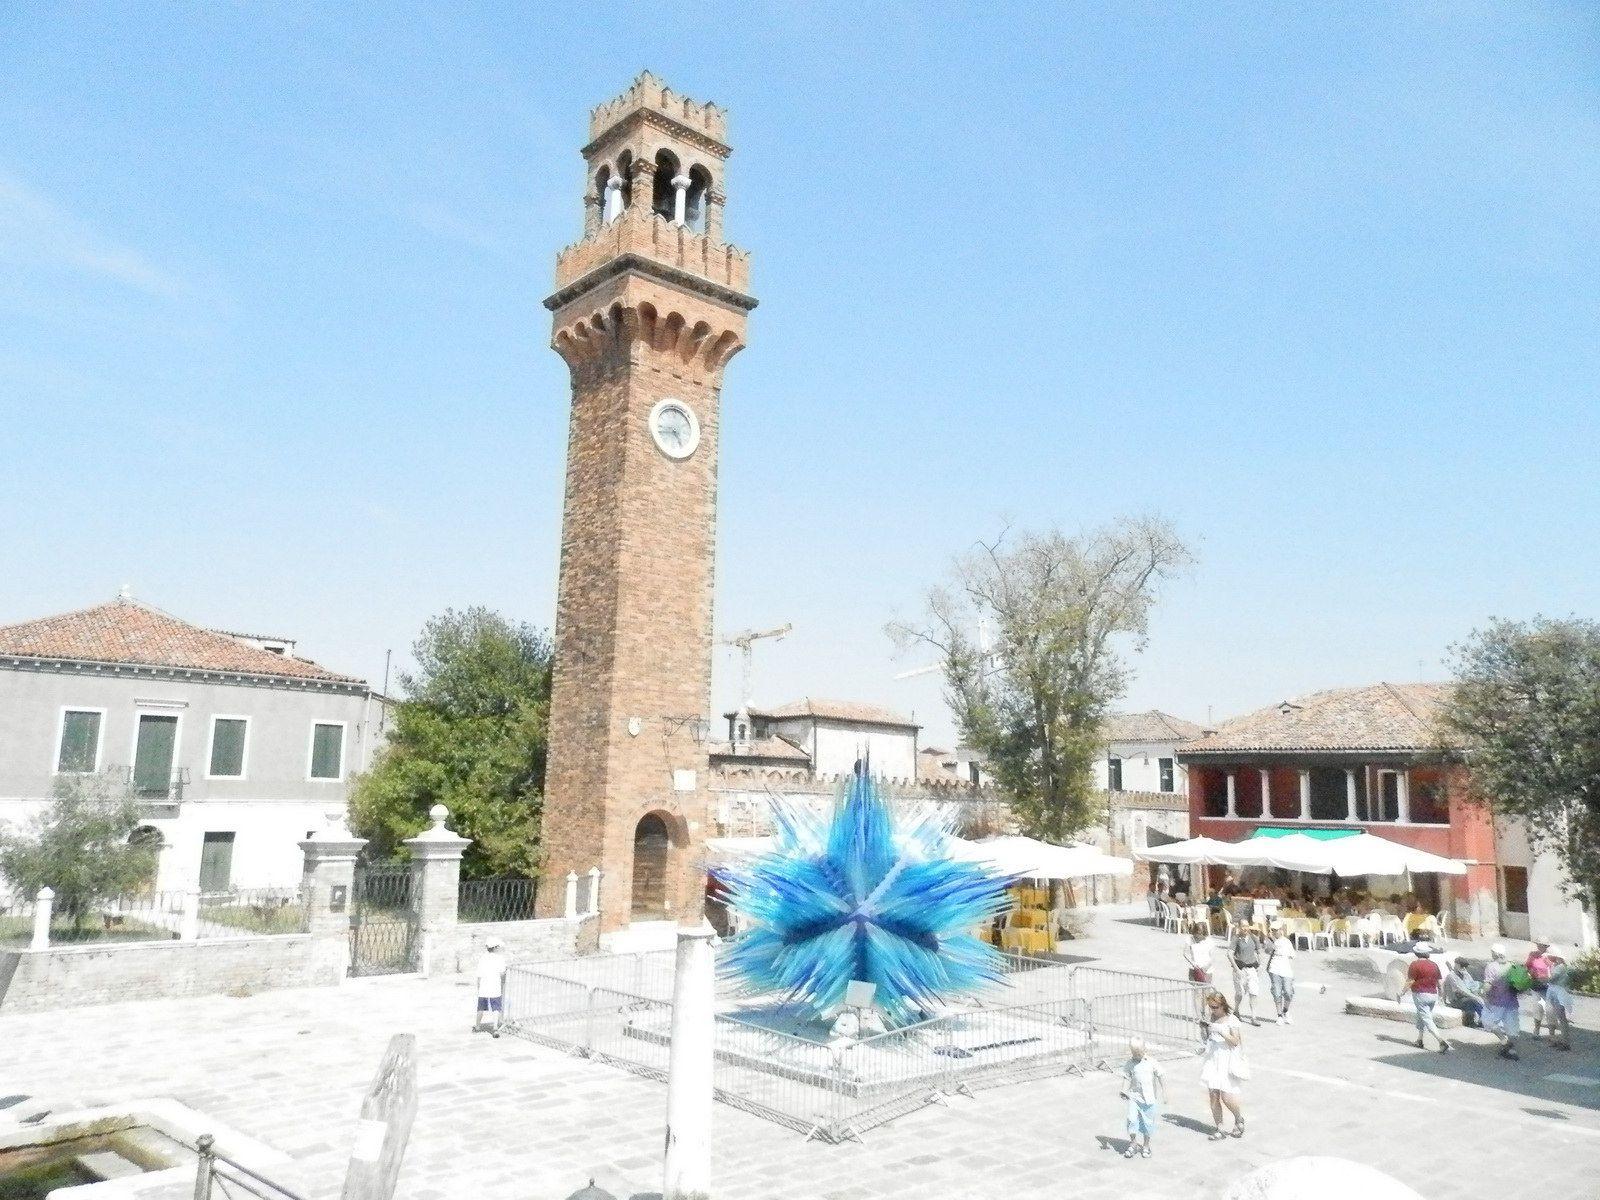 Place de l'horloge de Murano